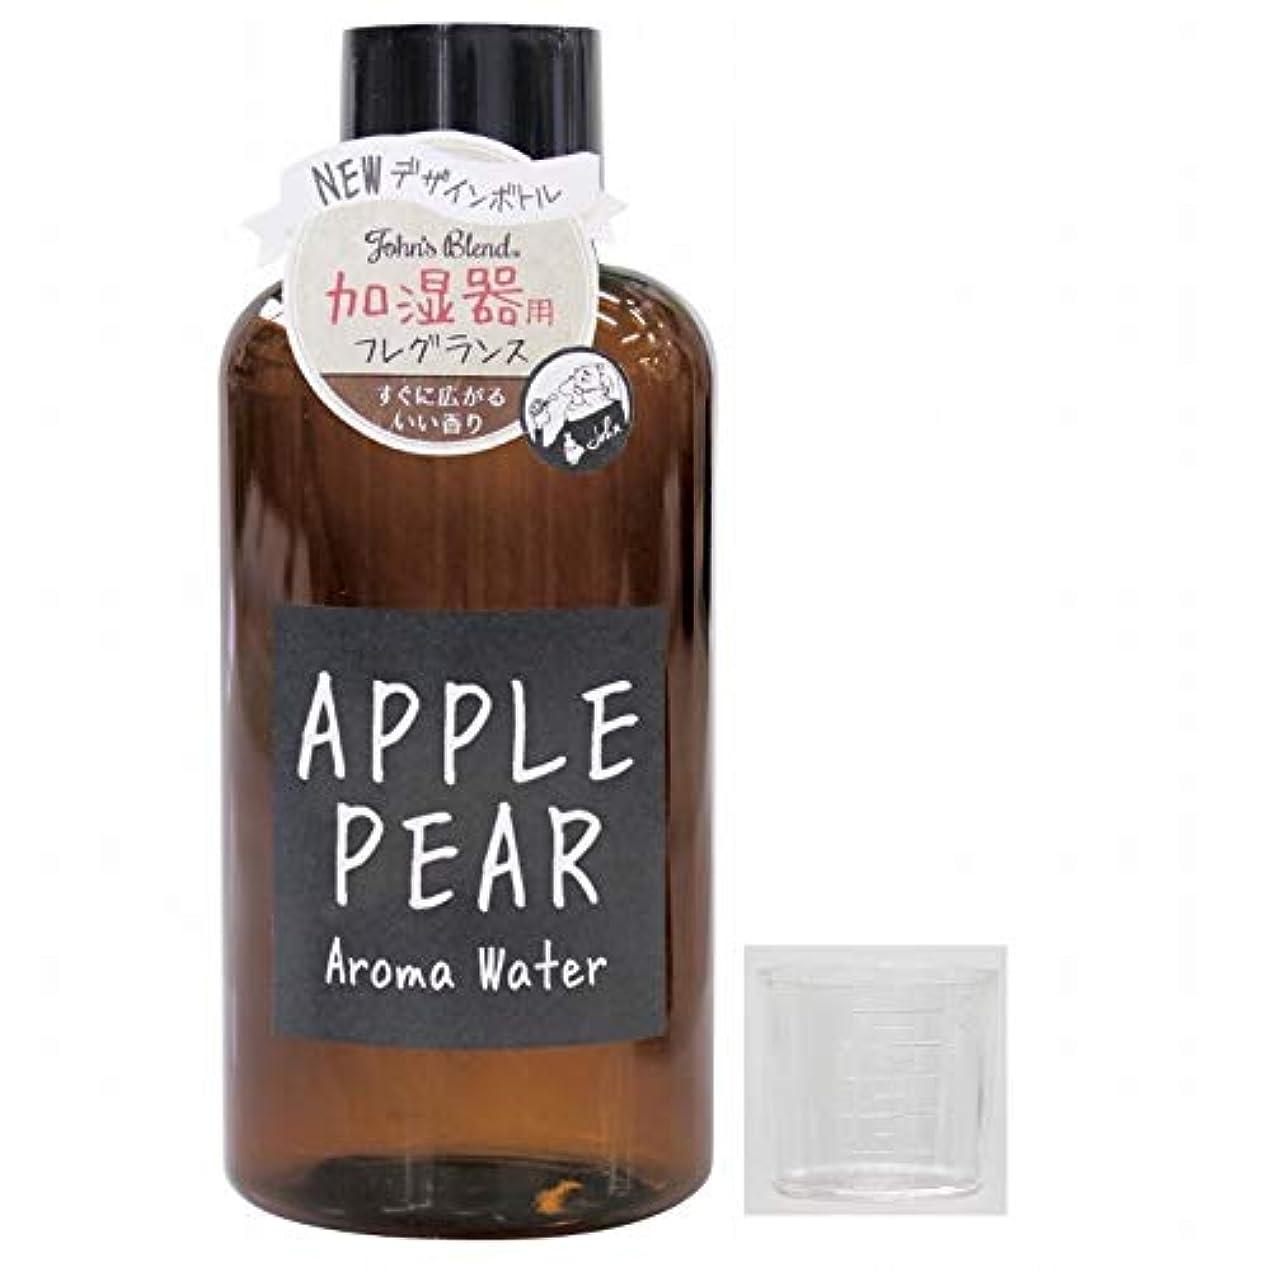 五トマトウミウシ【計量カップ付き】 JohnsBlend(ジョンズブレンド) アロマウォーター 加湿器用 520ml アップルペアーの香り OA-JON-12-4 【計量カップのおまけつき】